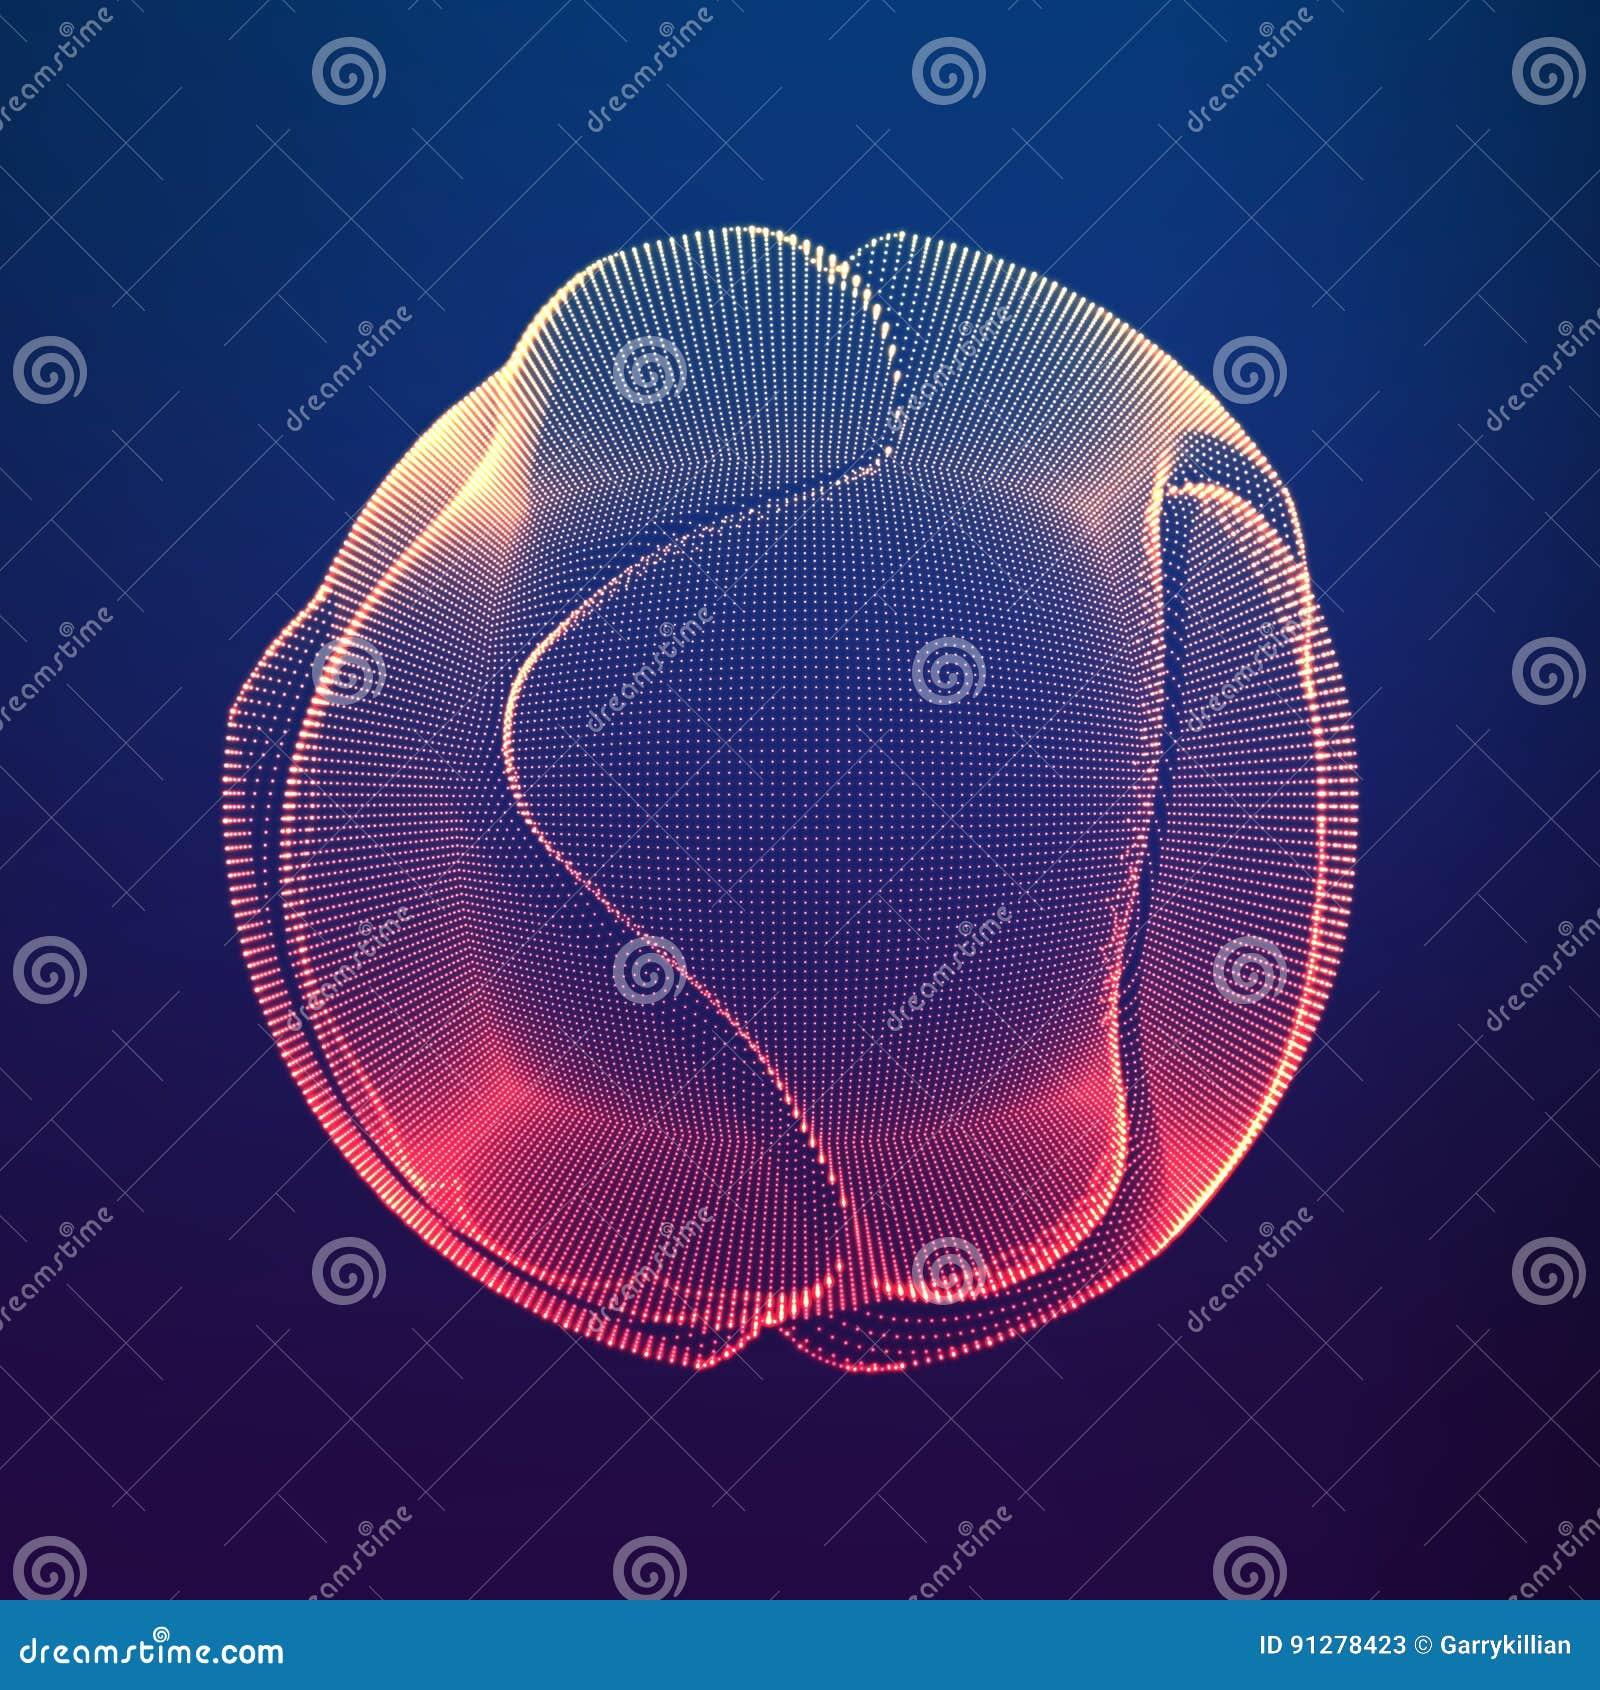 Esfera colorida de la malla del vector abstracto en fondo violeta oscuro Tarjeta futurista del estilo